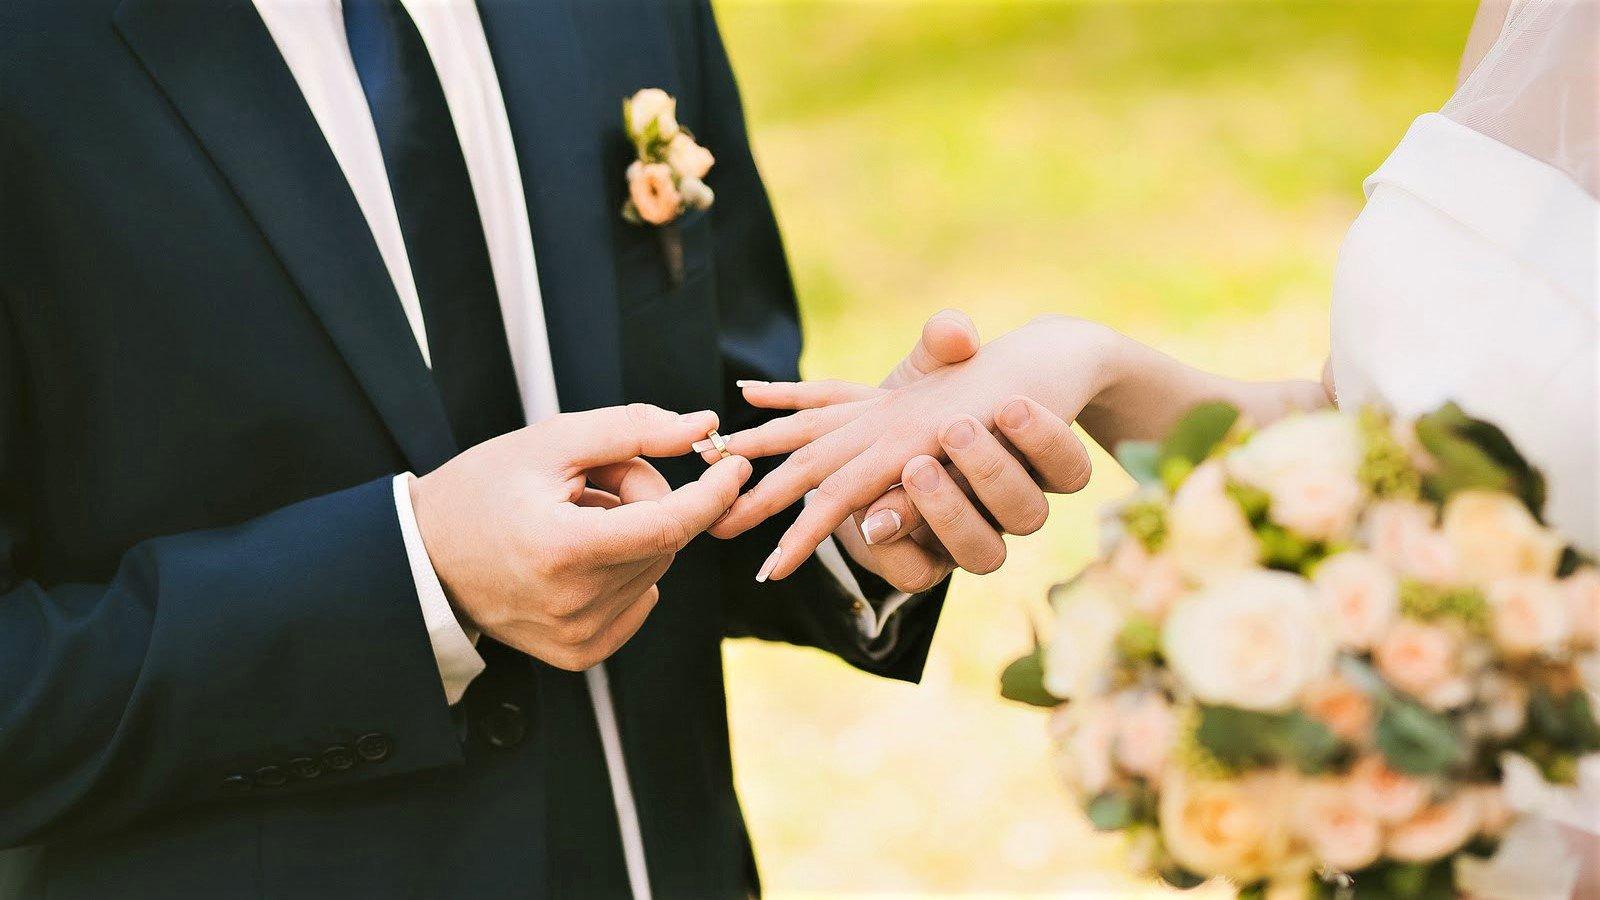 Свадебные картинки красивые жениха и невесты без лиц, четверг